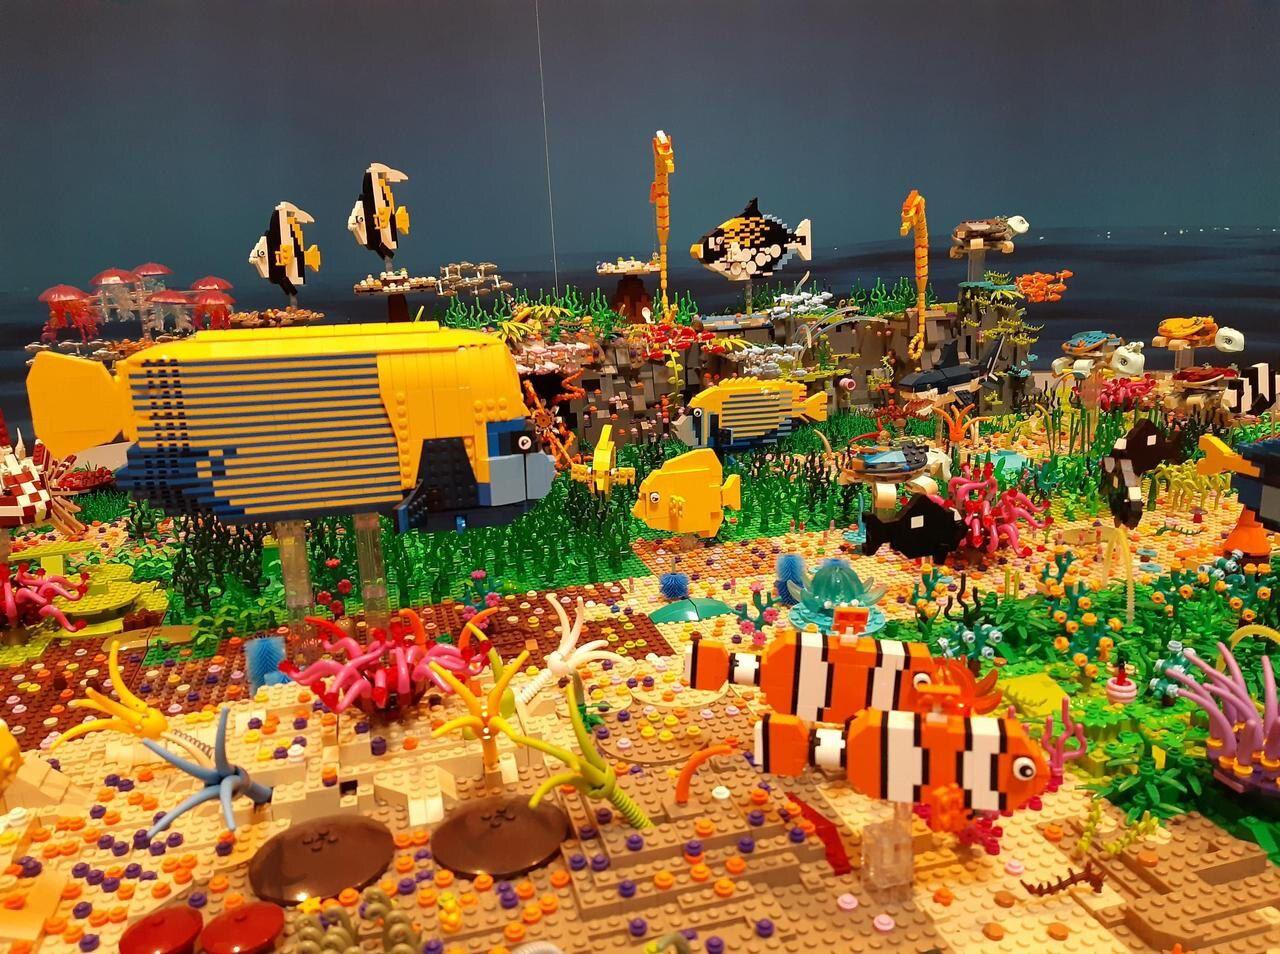 A Versailles, Une Expo Lego Qui Casse Des Briques - Le Parisien pour Casse Brique Enfant